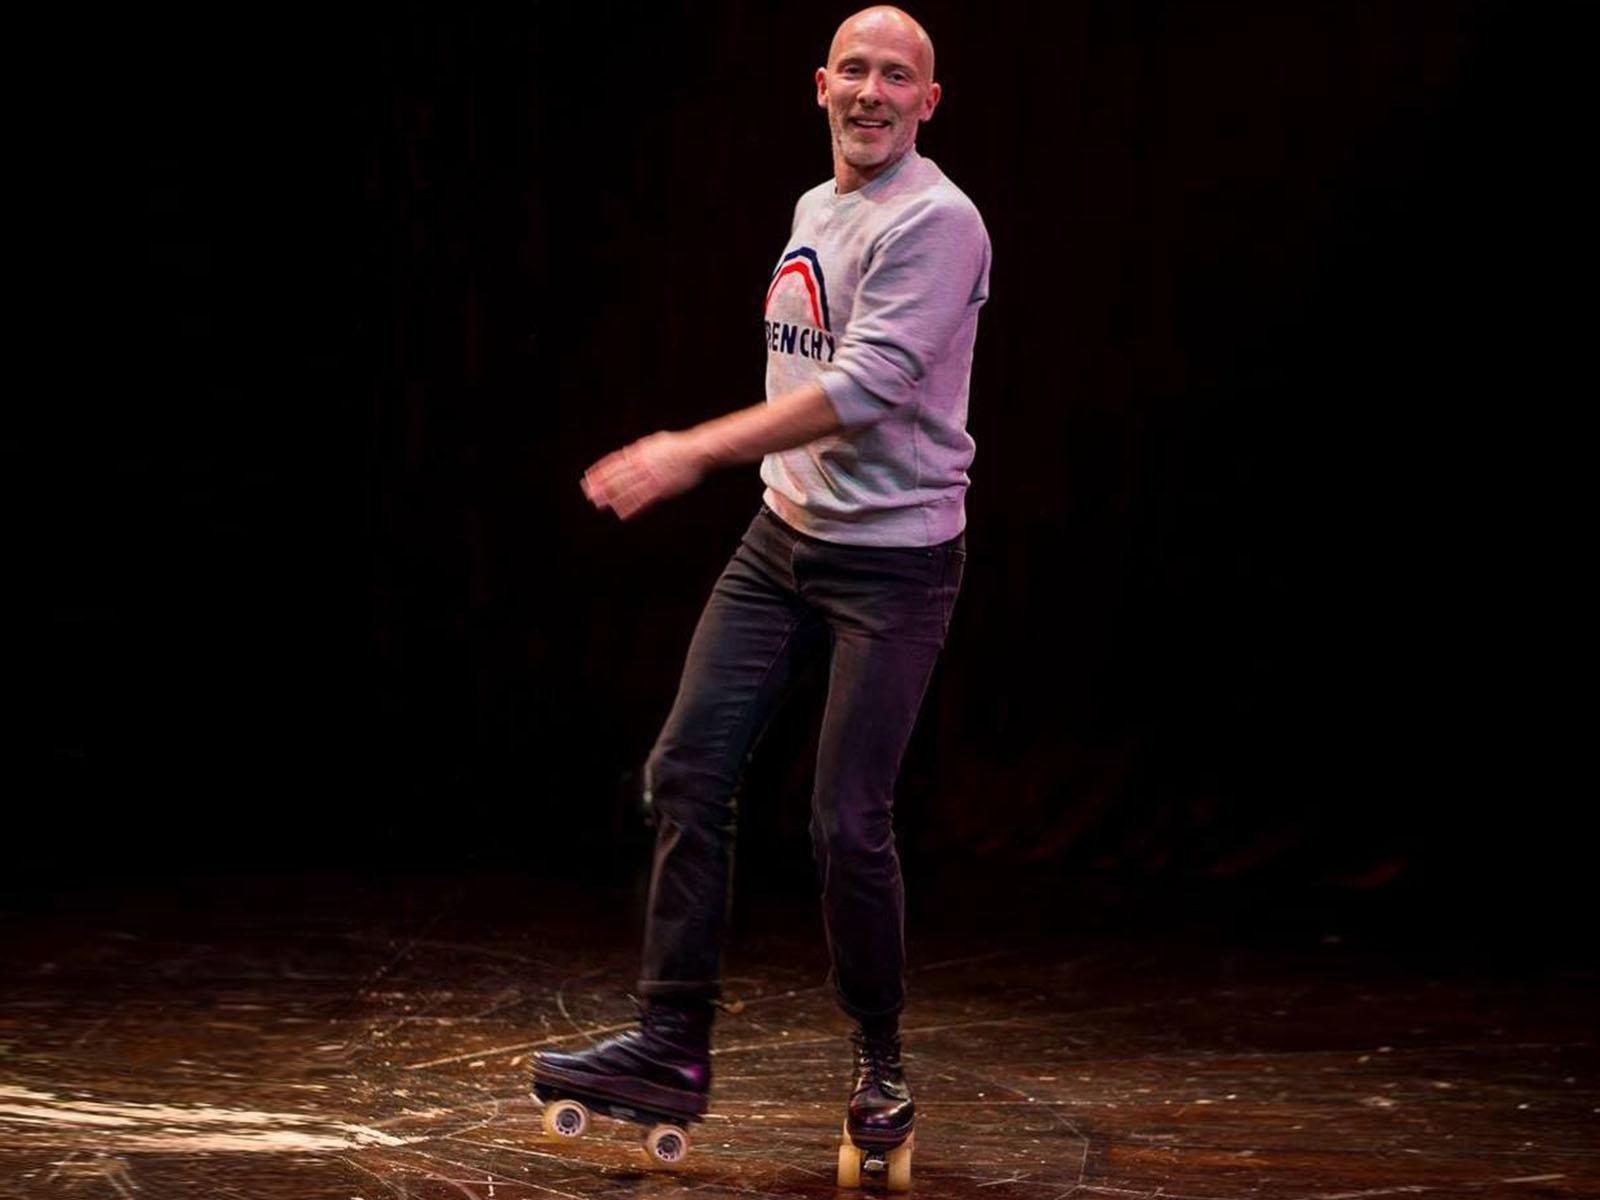 Jean-Marc danse sur scène